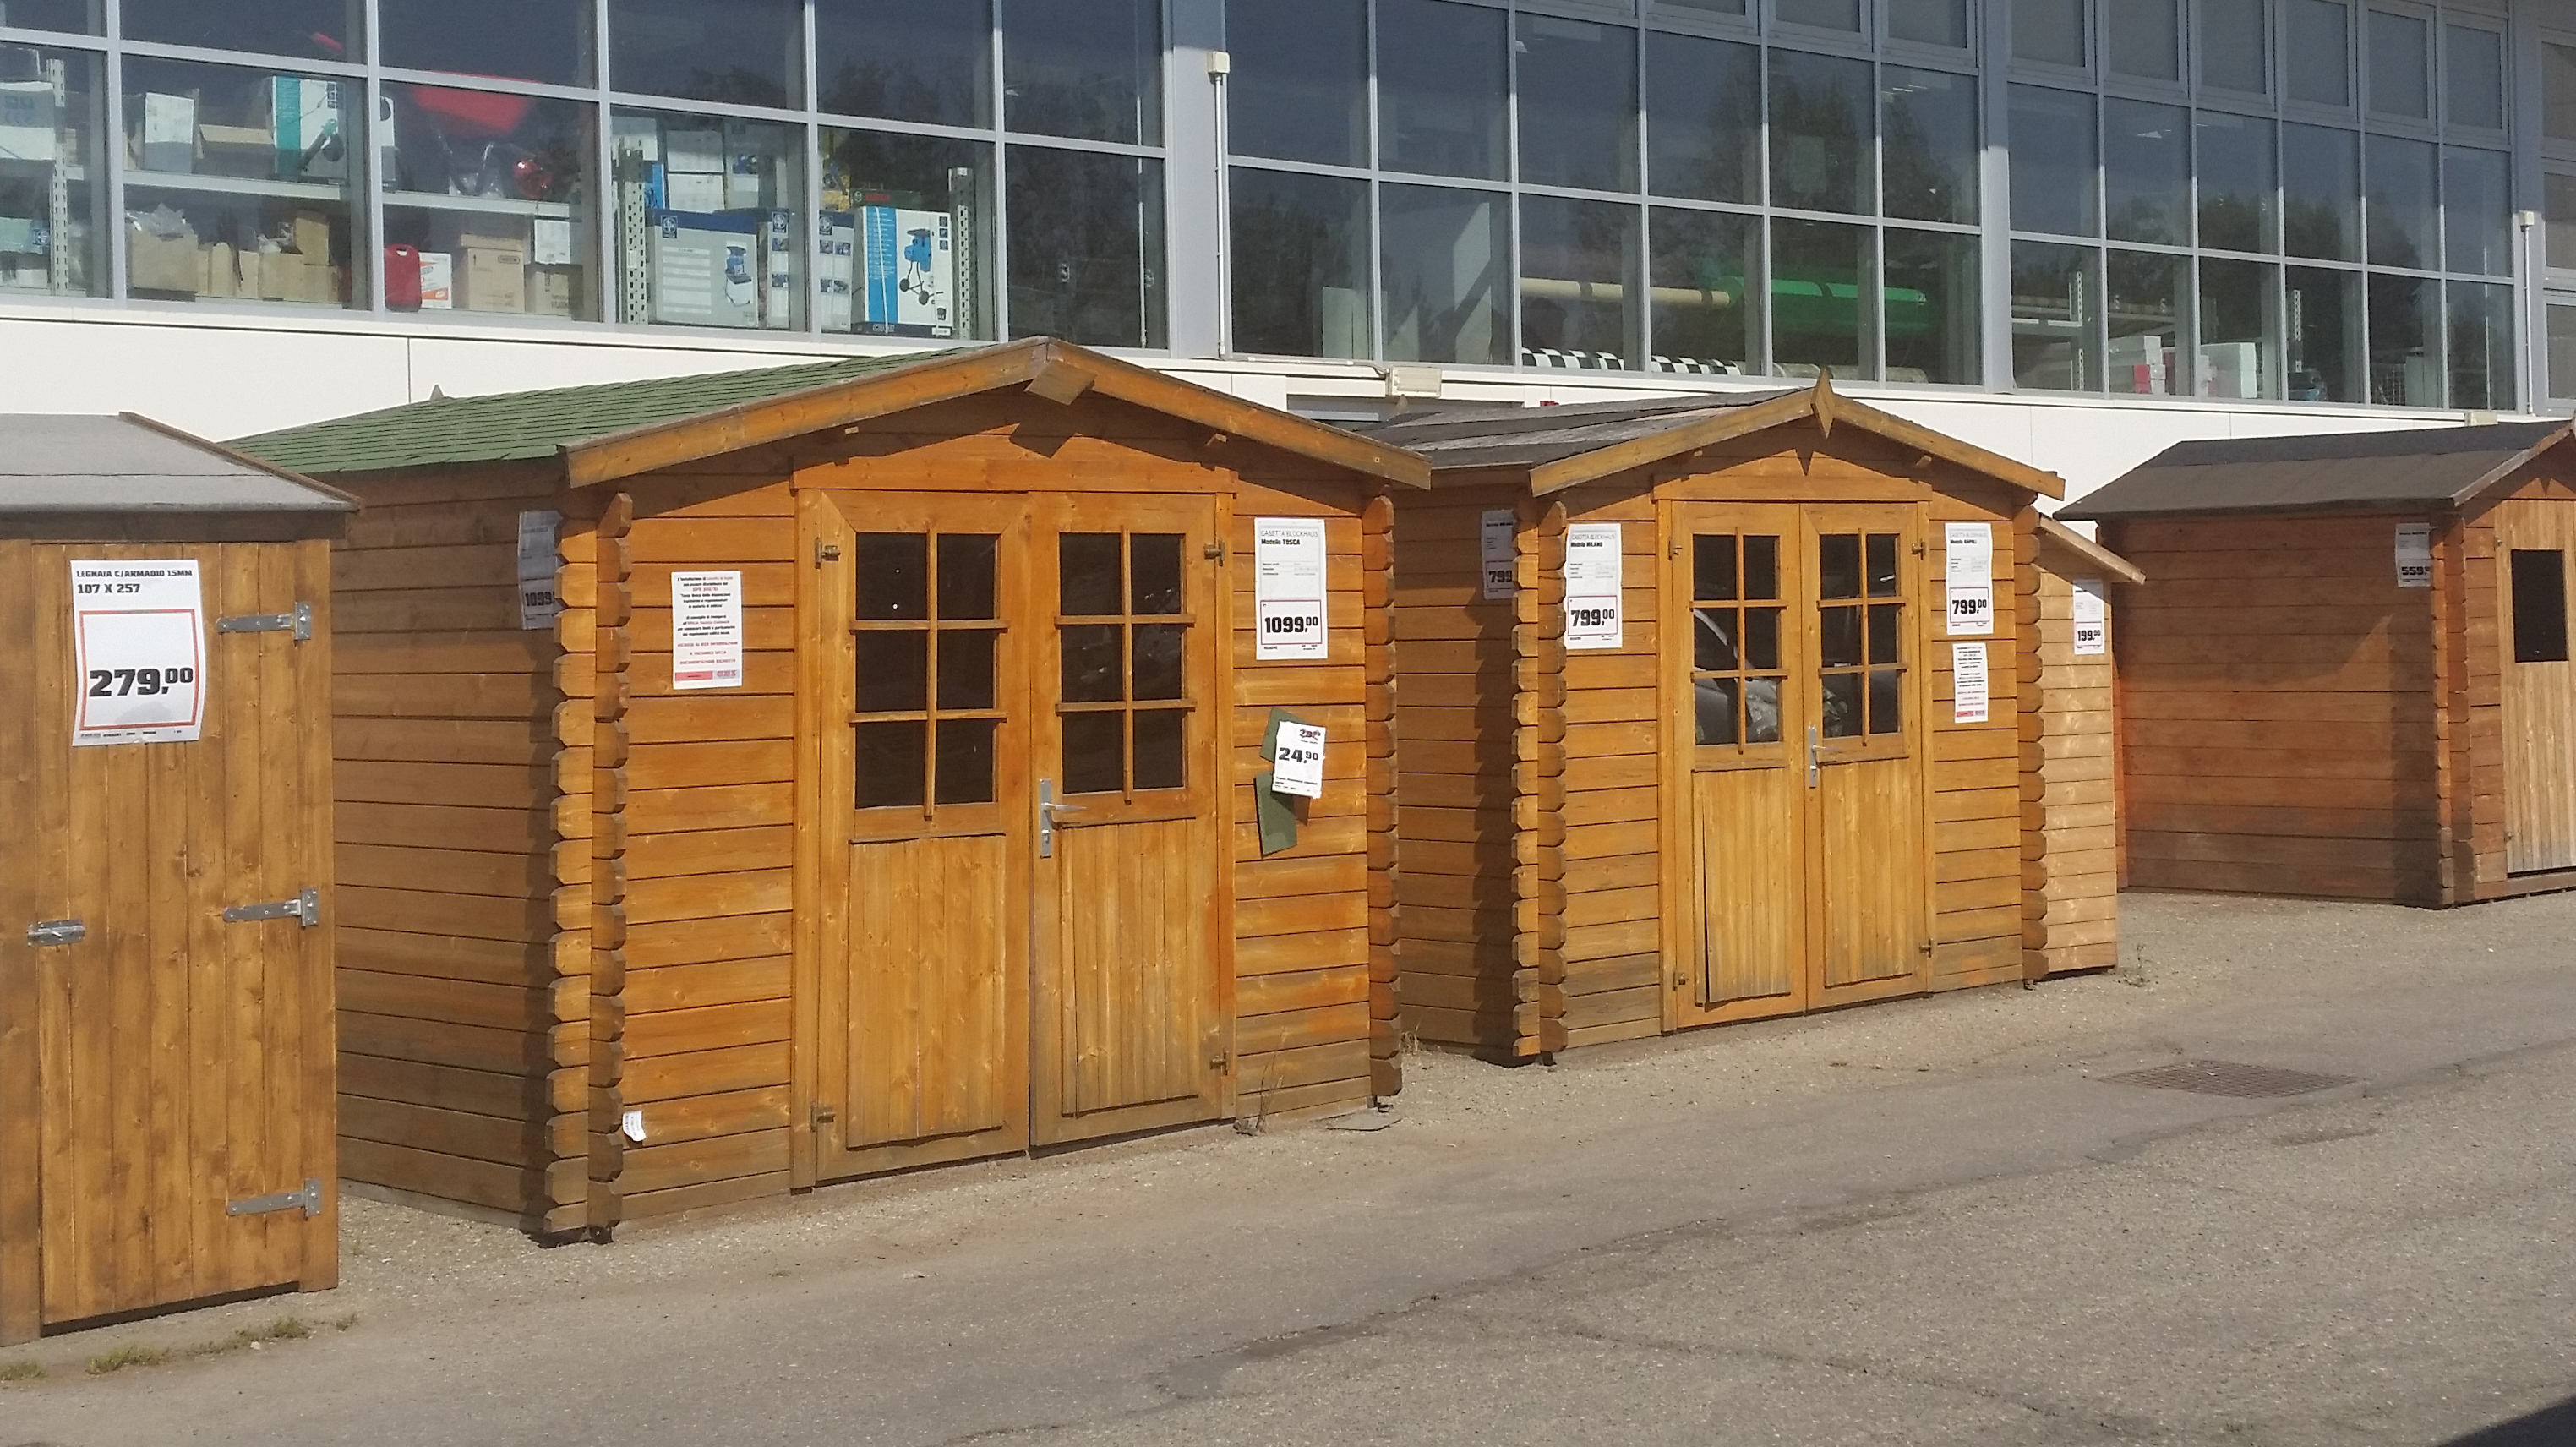 Casette in legno brico center boiserie in ceramica per bagno - Casette legno giardino prezzi ...